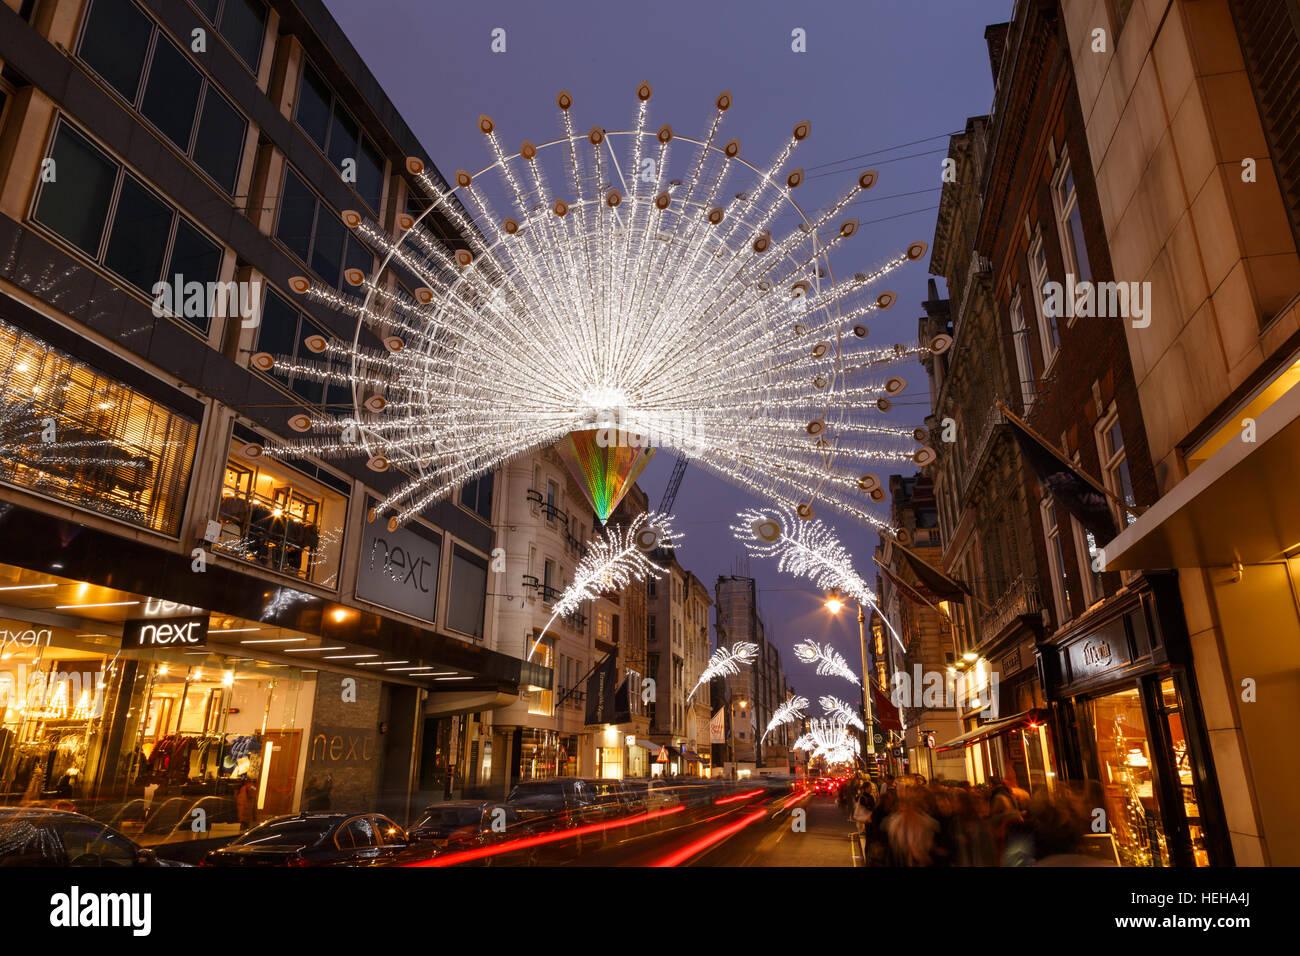 Decorazioni Natalizie Londra.Luci E Decorazioni Natalizie Su New Bond Street Londra A Londra